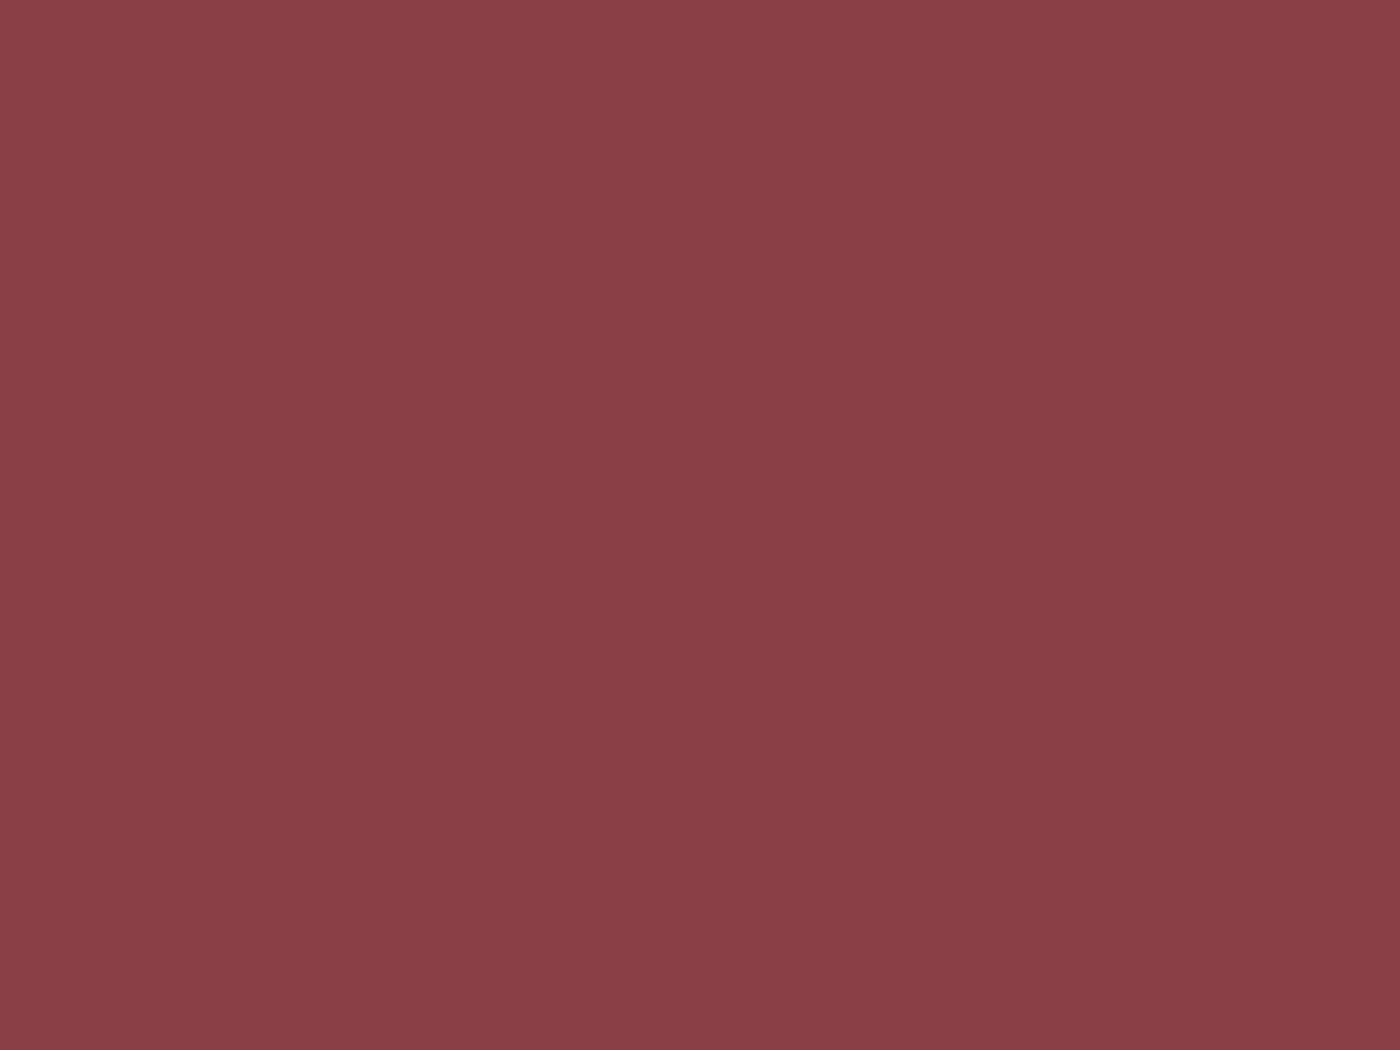 1400x1050 Cordovan Solid Color Background